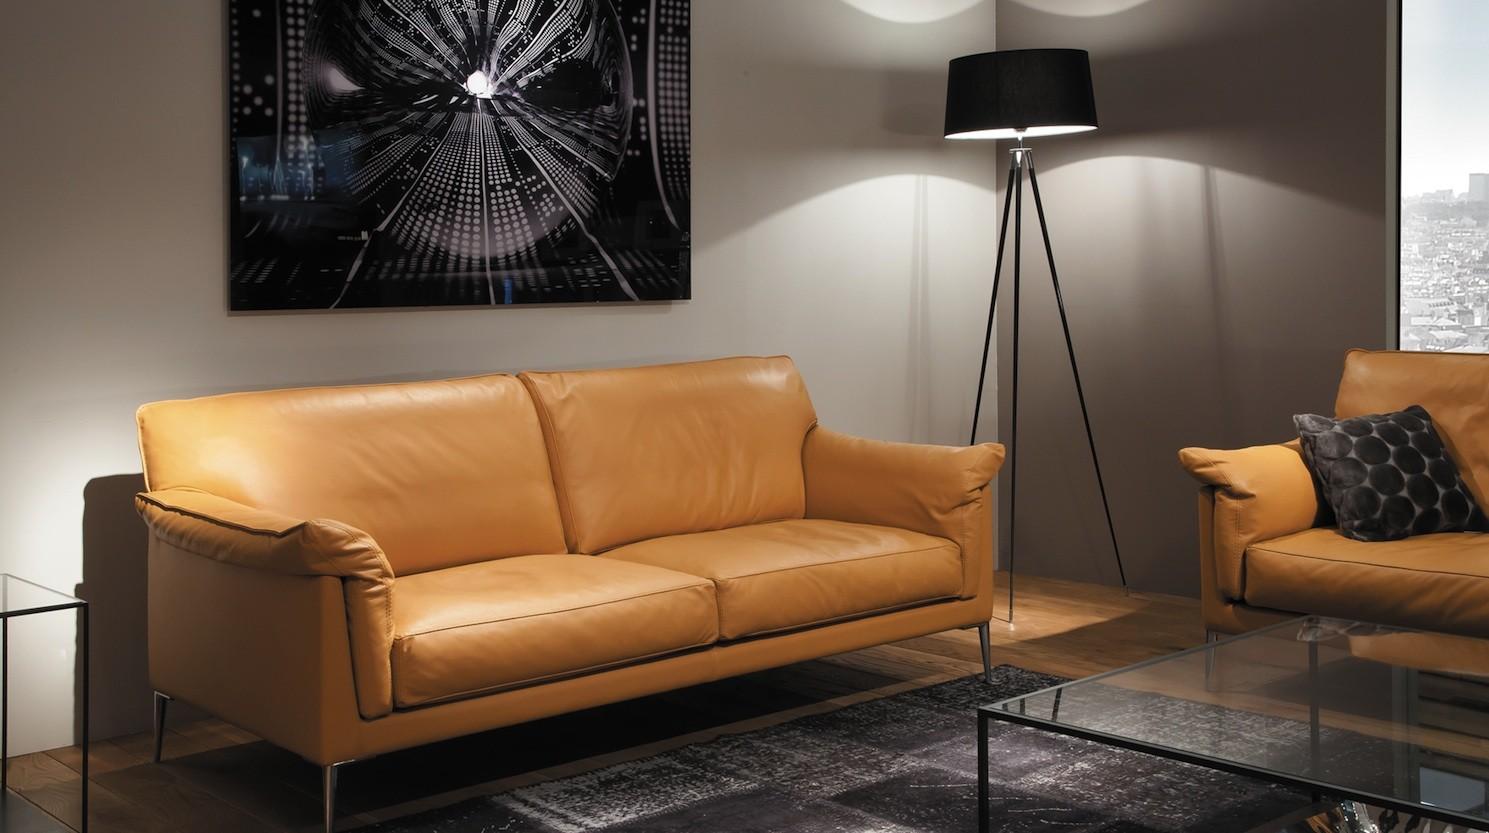 duvivier archives page 2 sur 2 charme du logis quimper. Black Bedroom Furniture Sets. Home Design Ideas